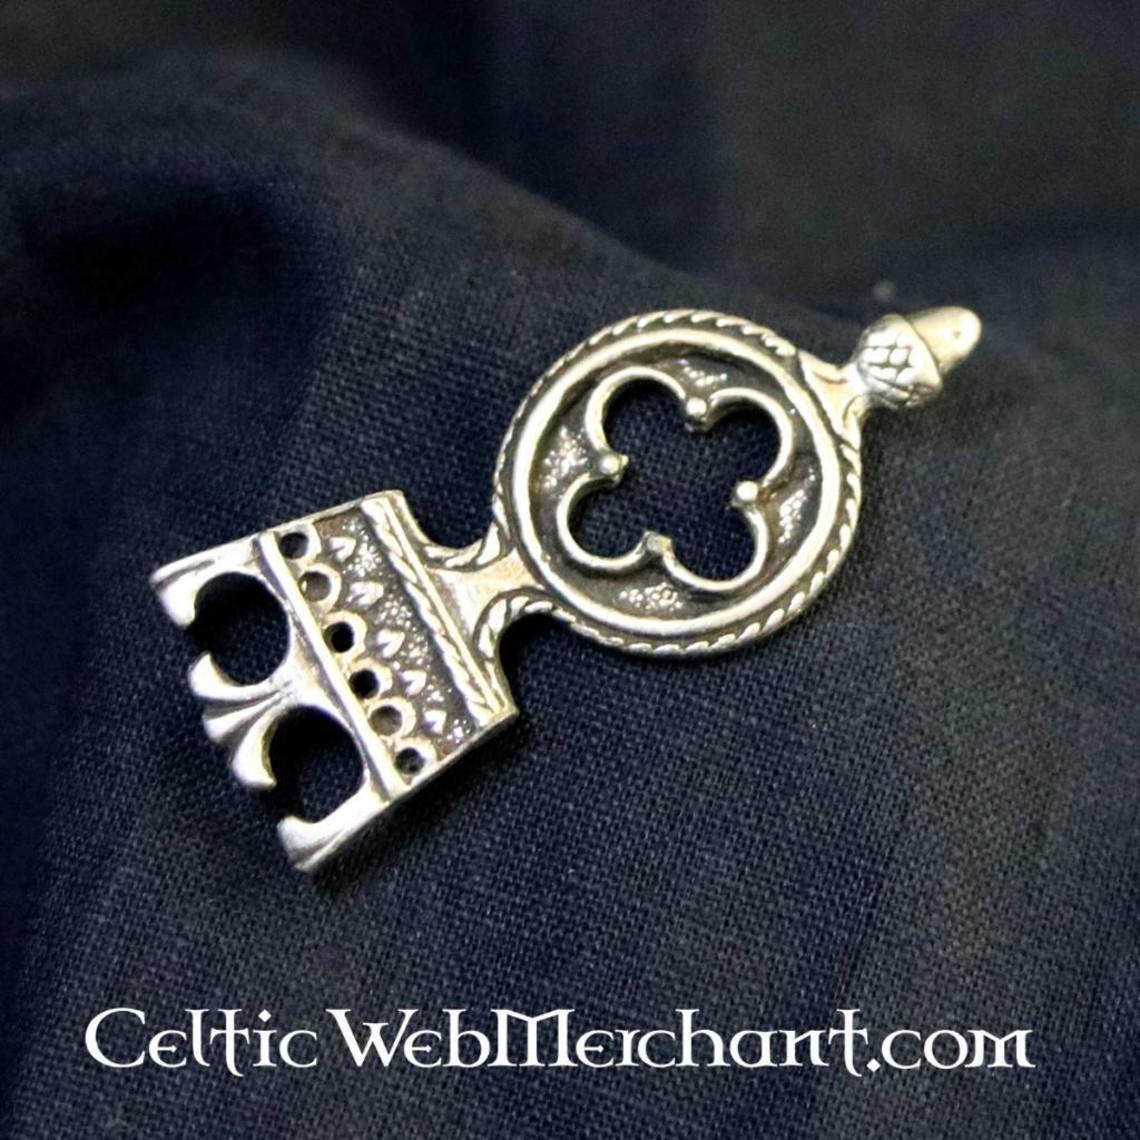 Fin de ceinture gothique 3 cm, argenté